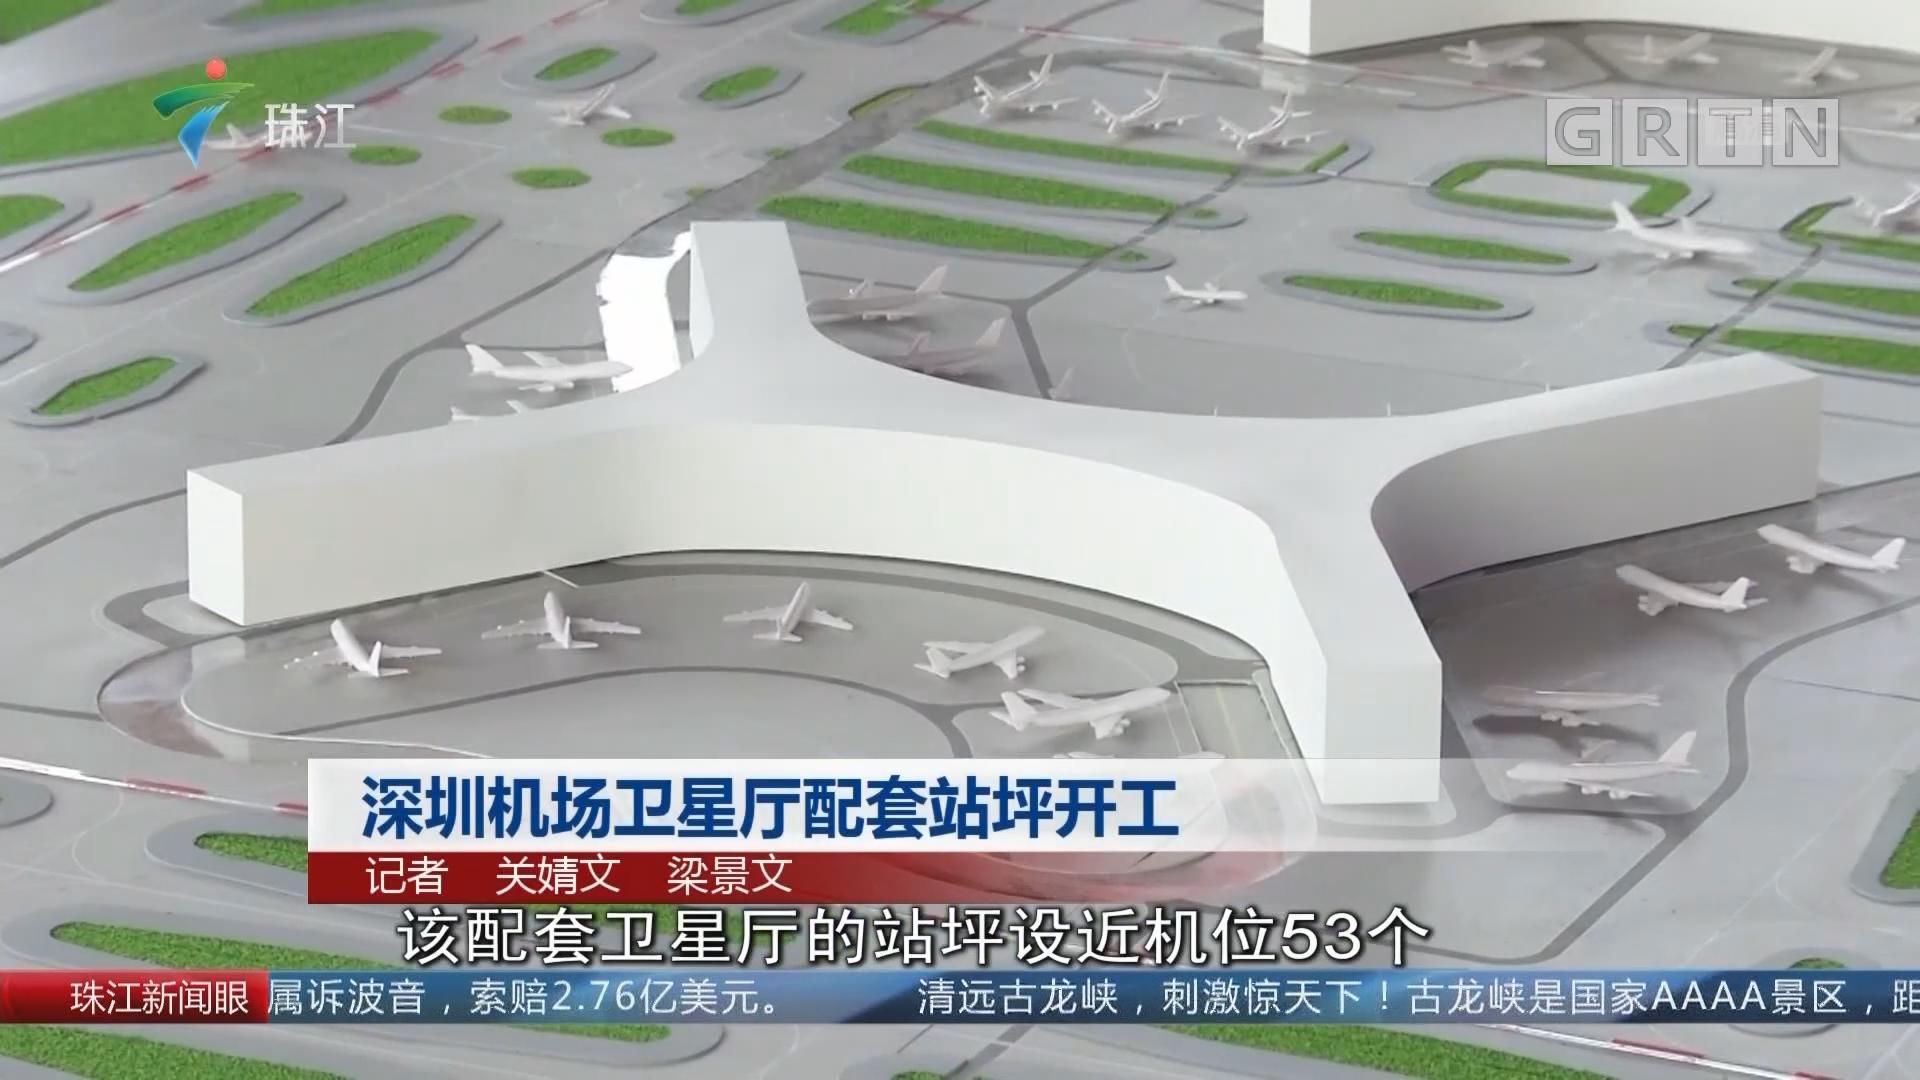 深圳机场卫星厅配套站坪开工